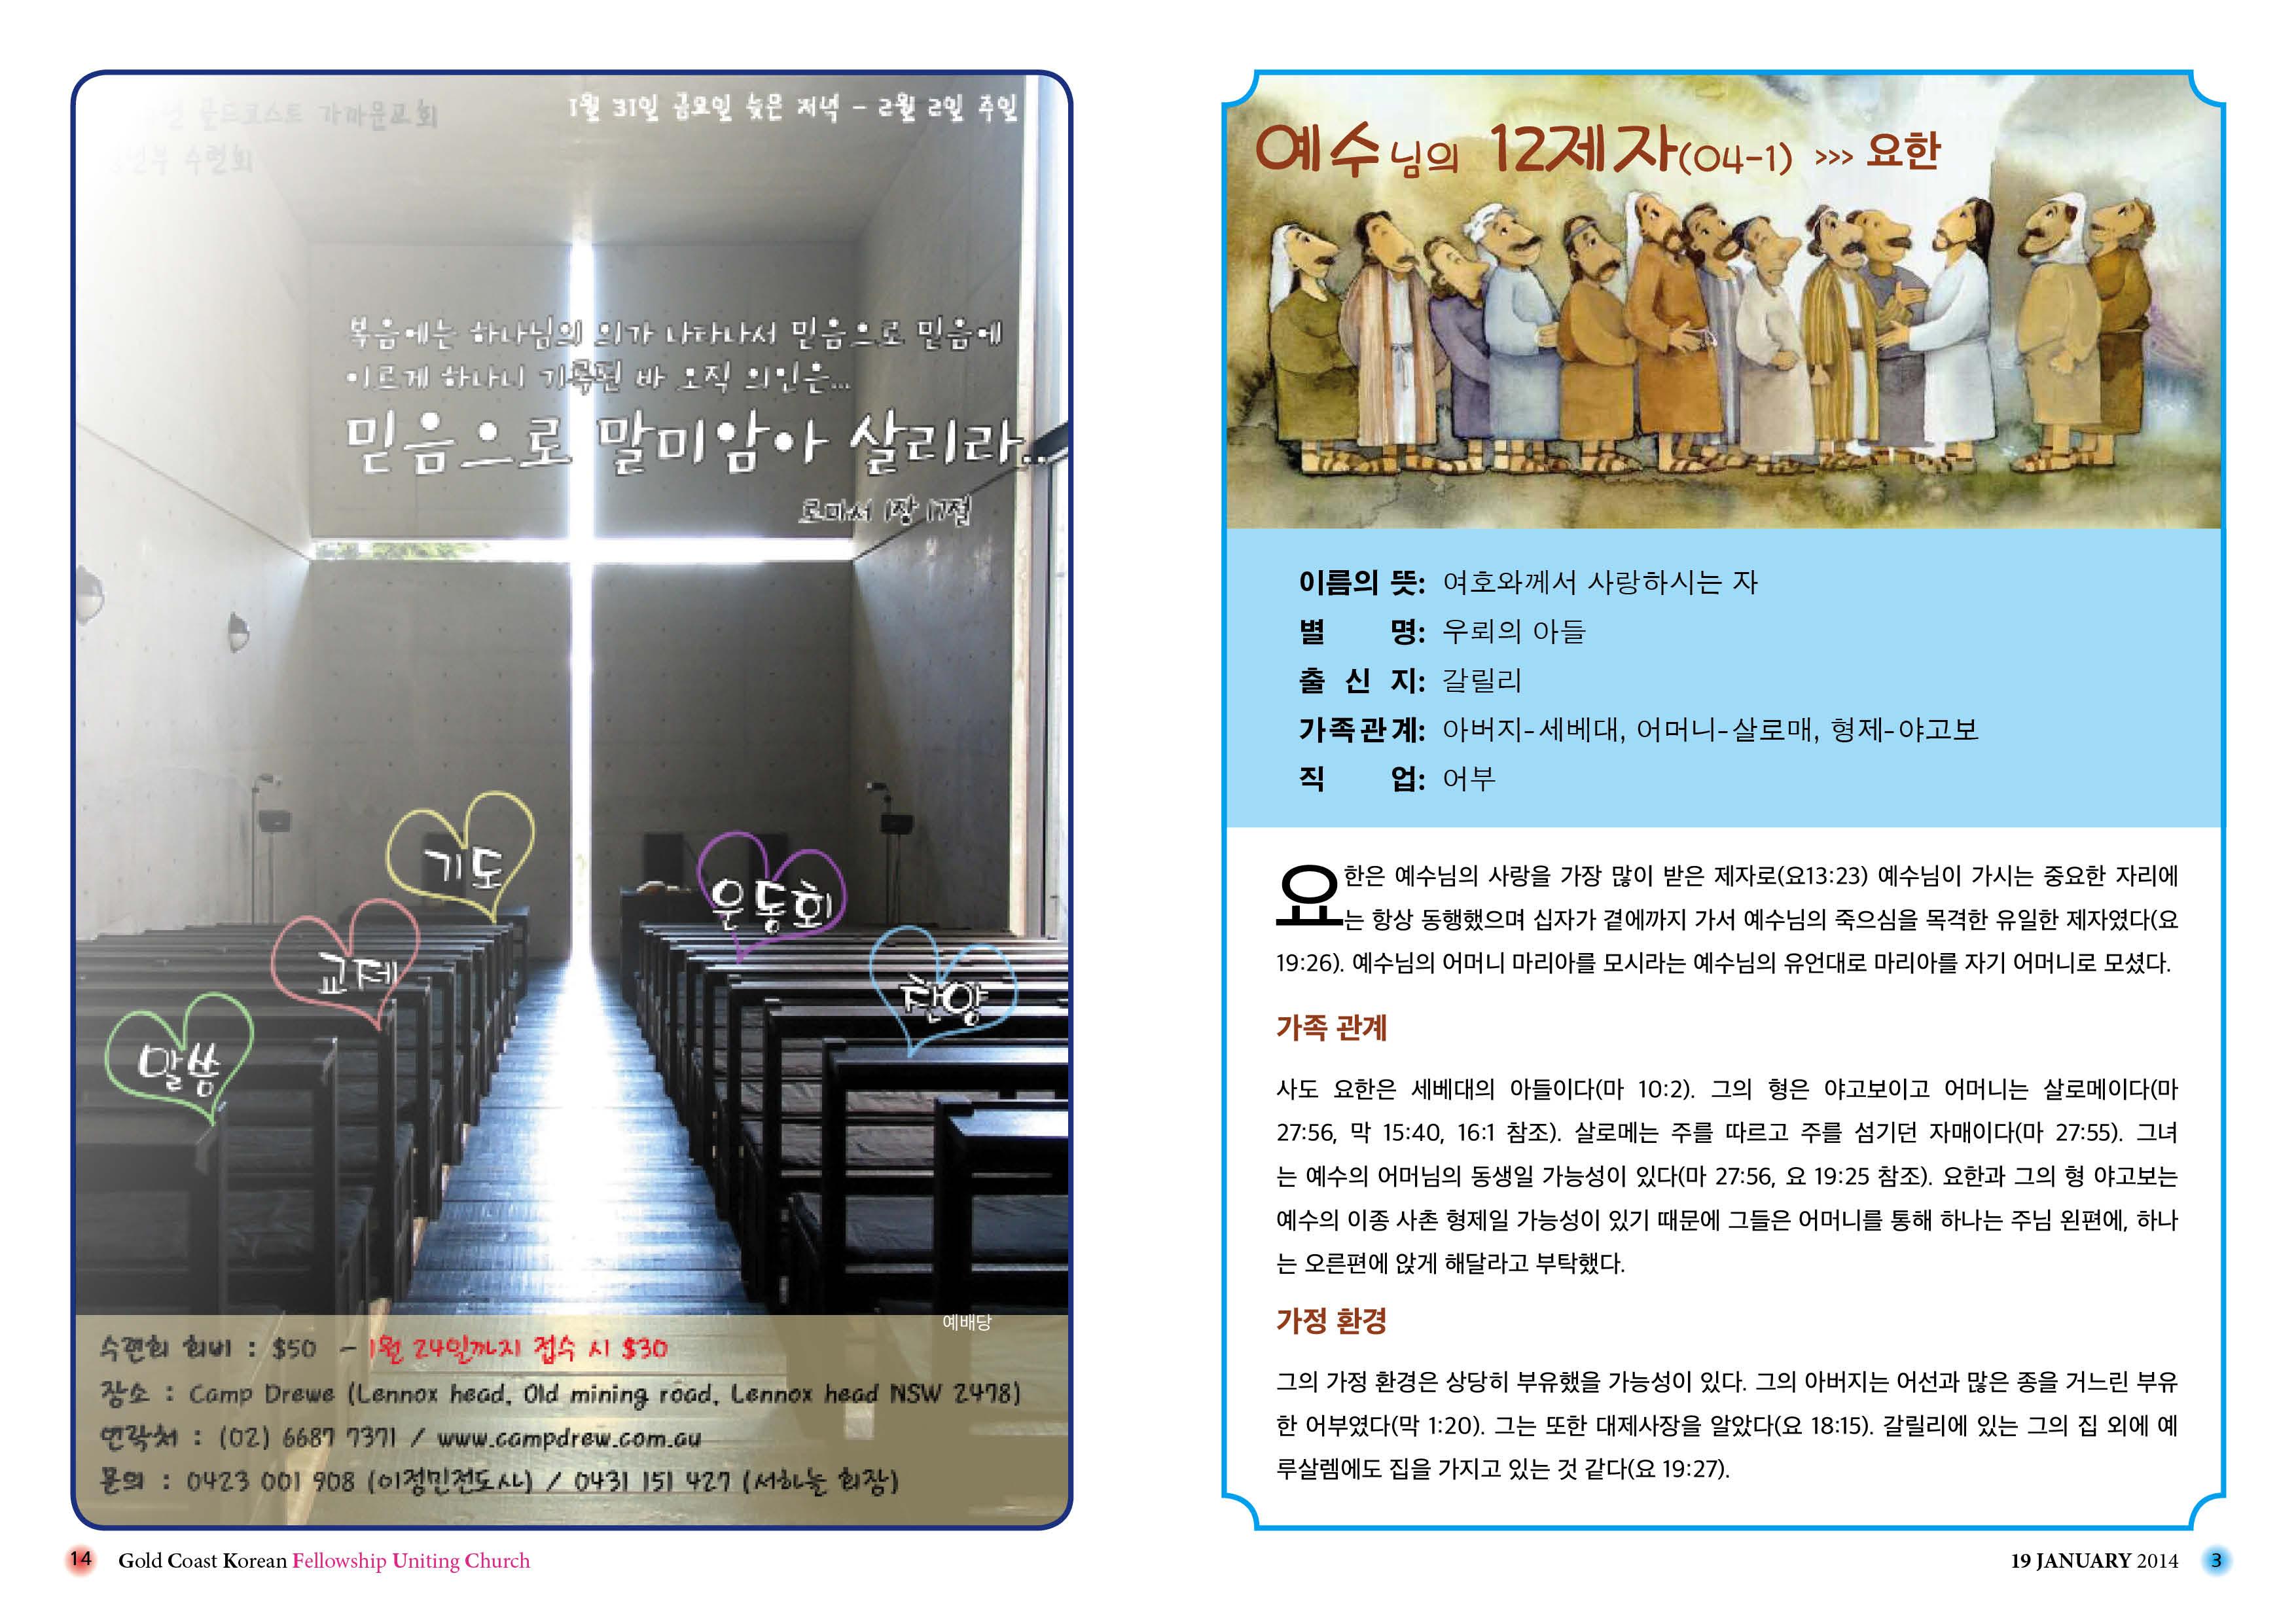 2014.01.19 주보 프린트(1차 수정)3.jpg